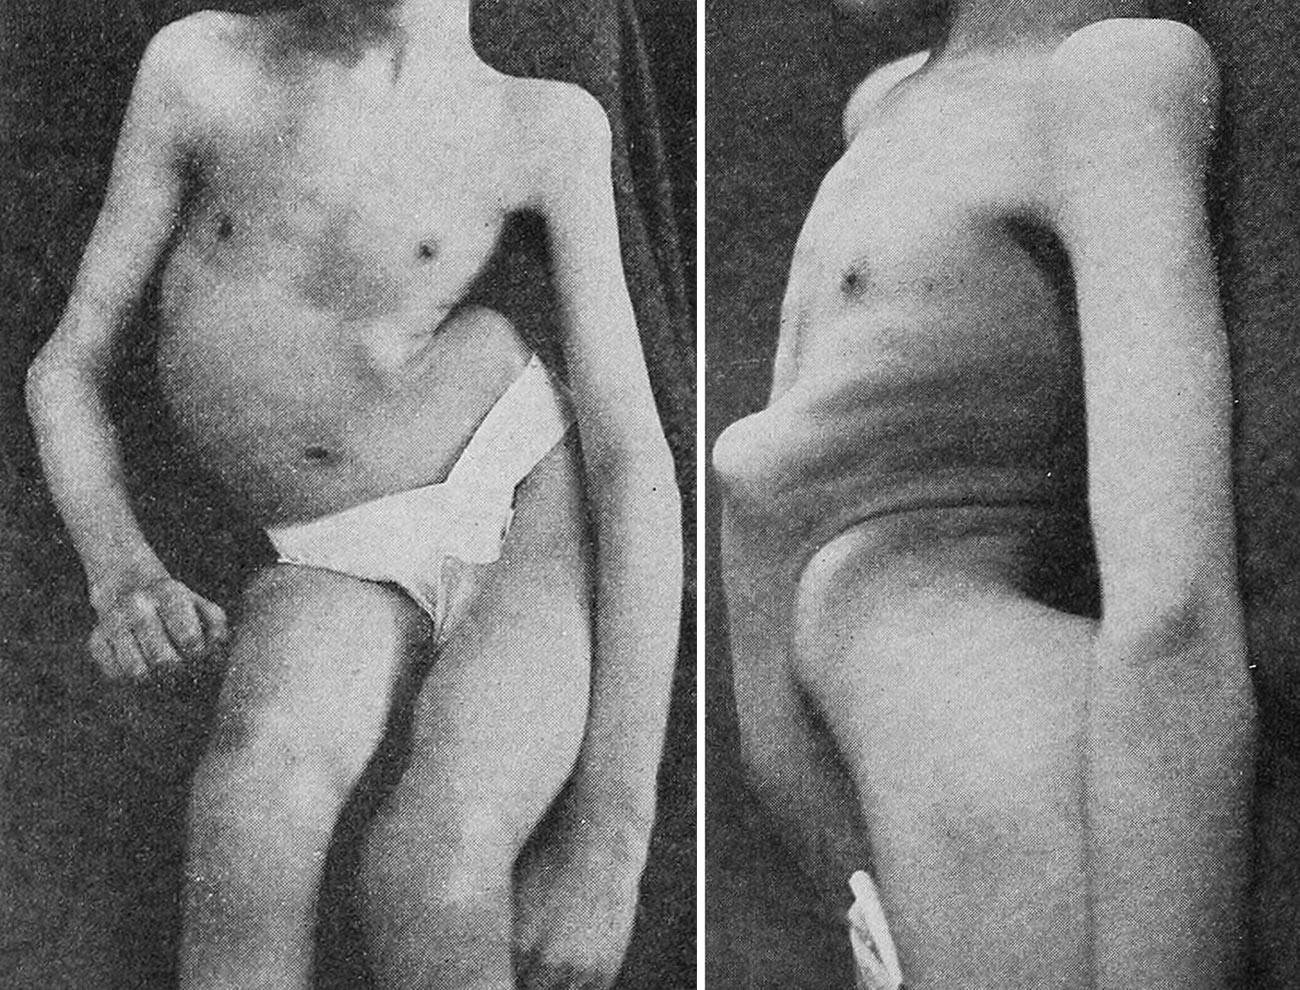 Последствия полиомиелита - деформированный позвоночник